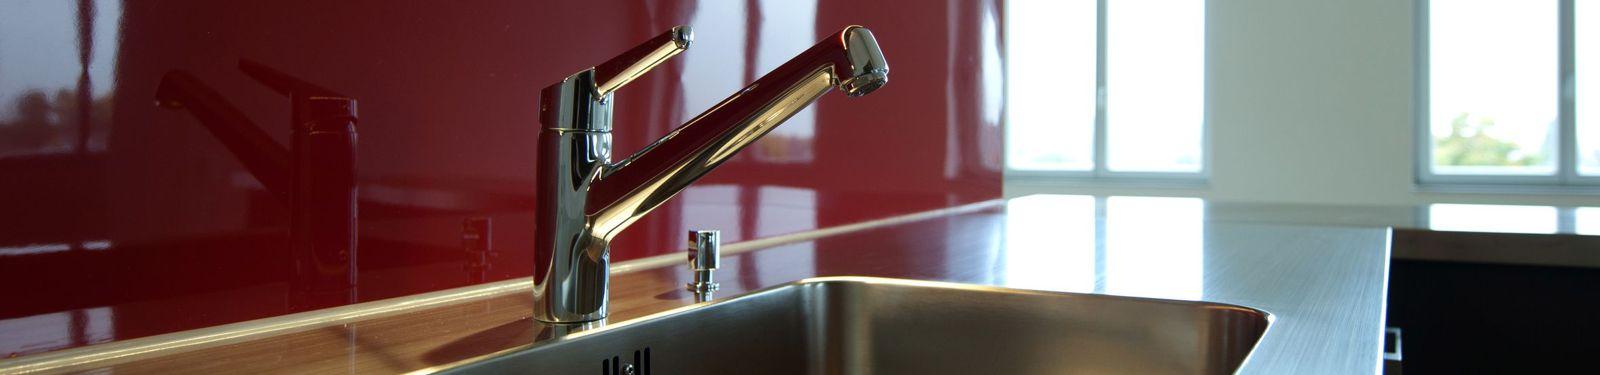 Entnahme von Trinkwasserproben in Gebäude-/Hausinstallationen